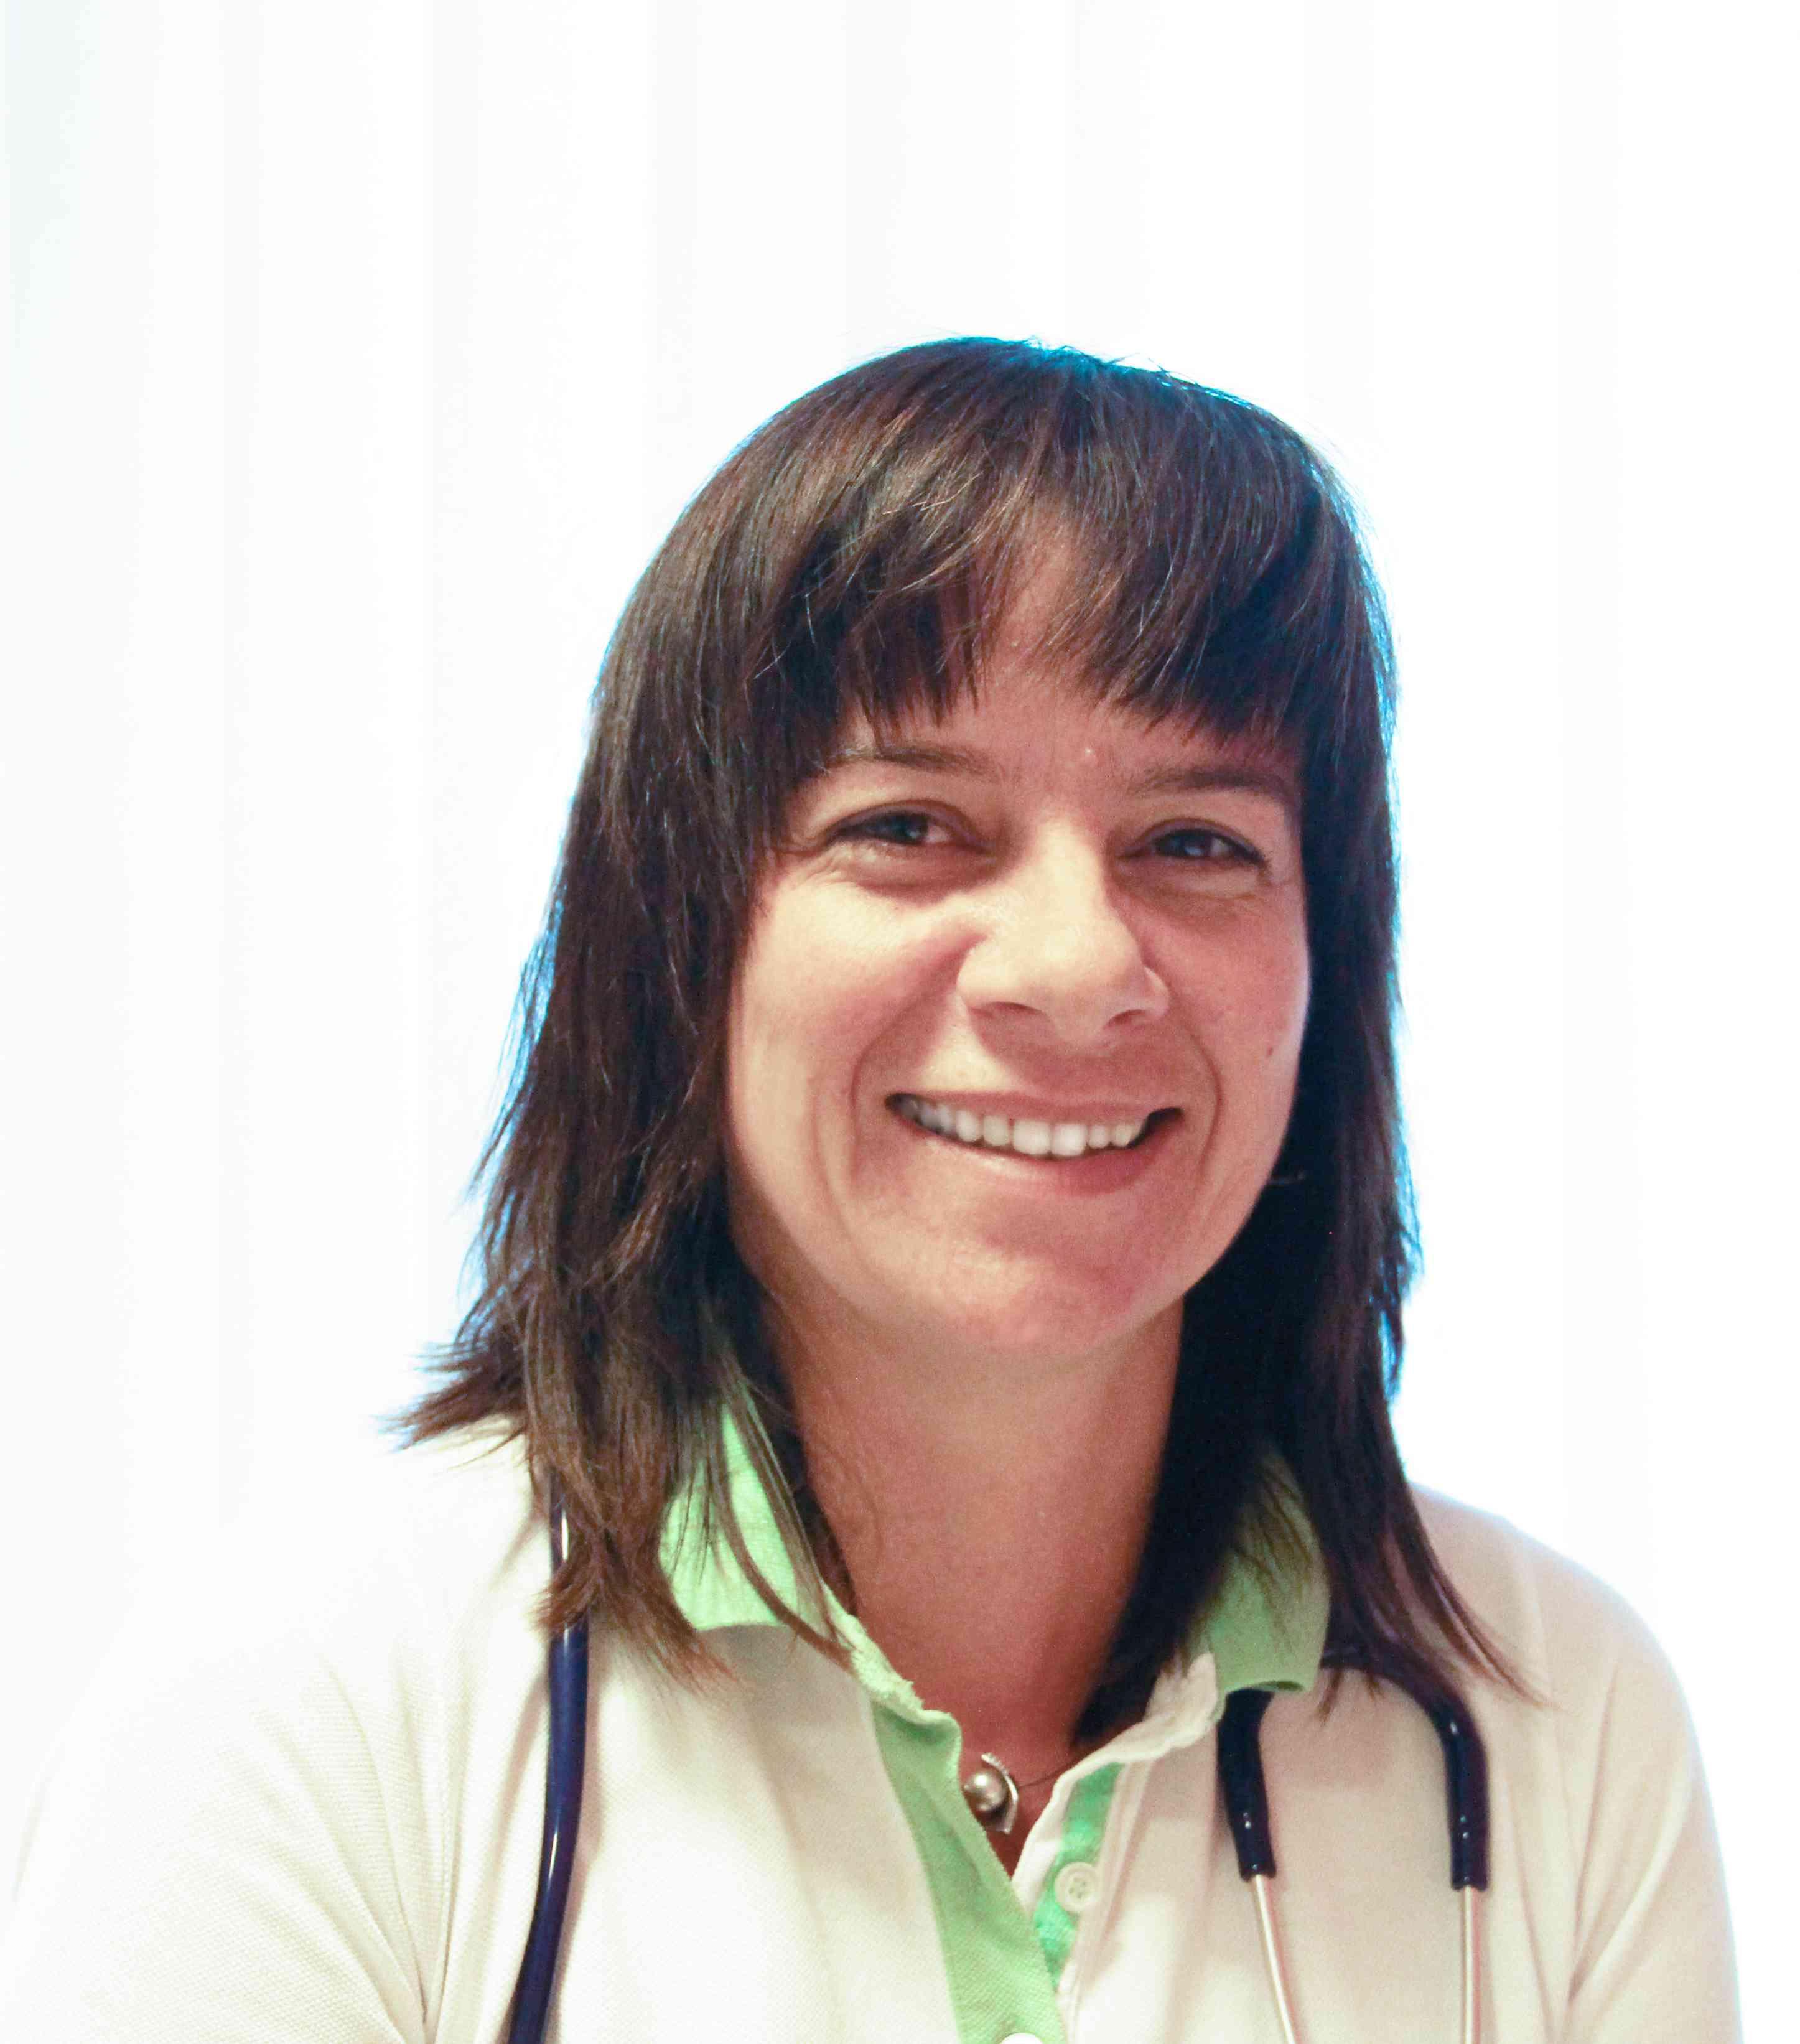 Katrin Kobylka